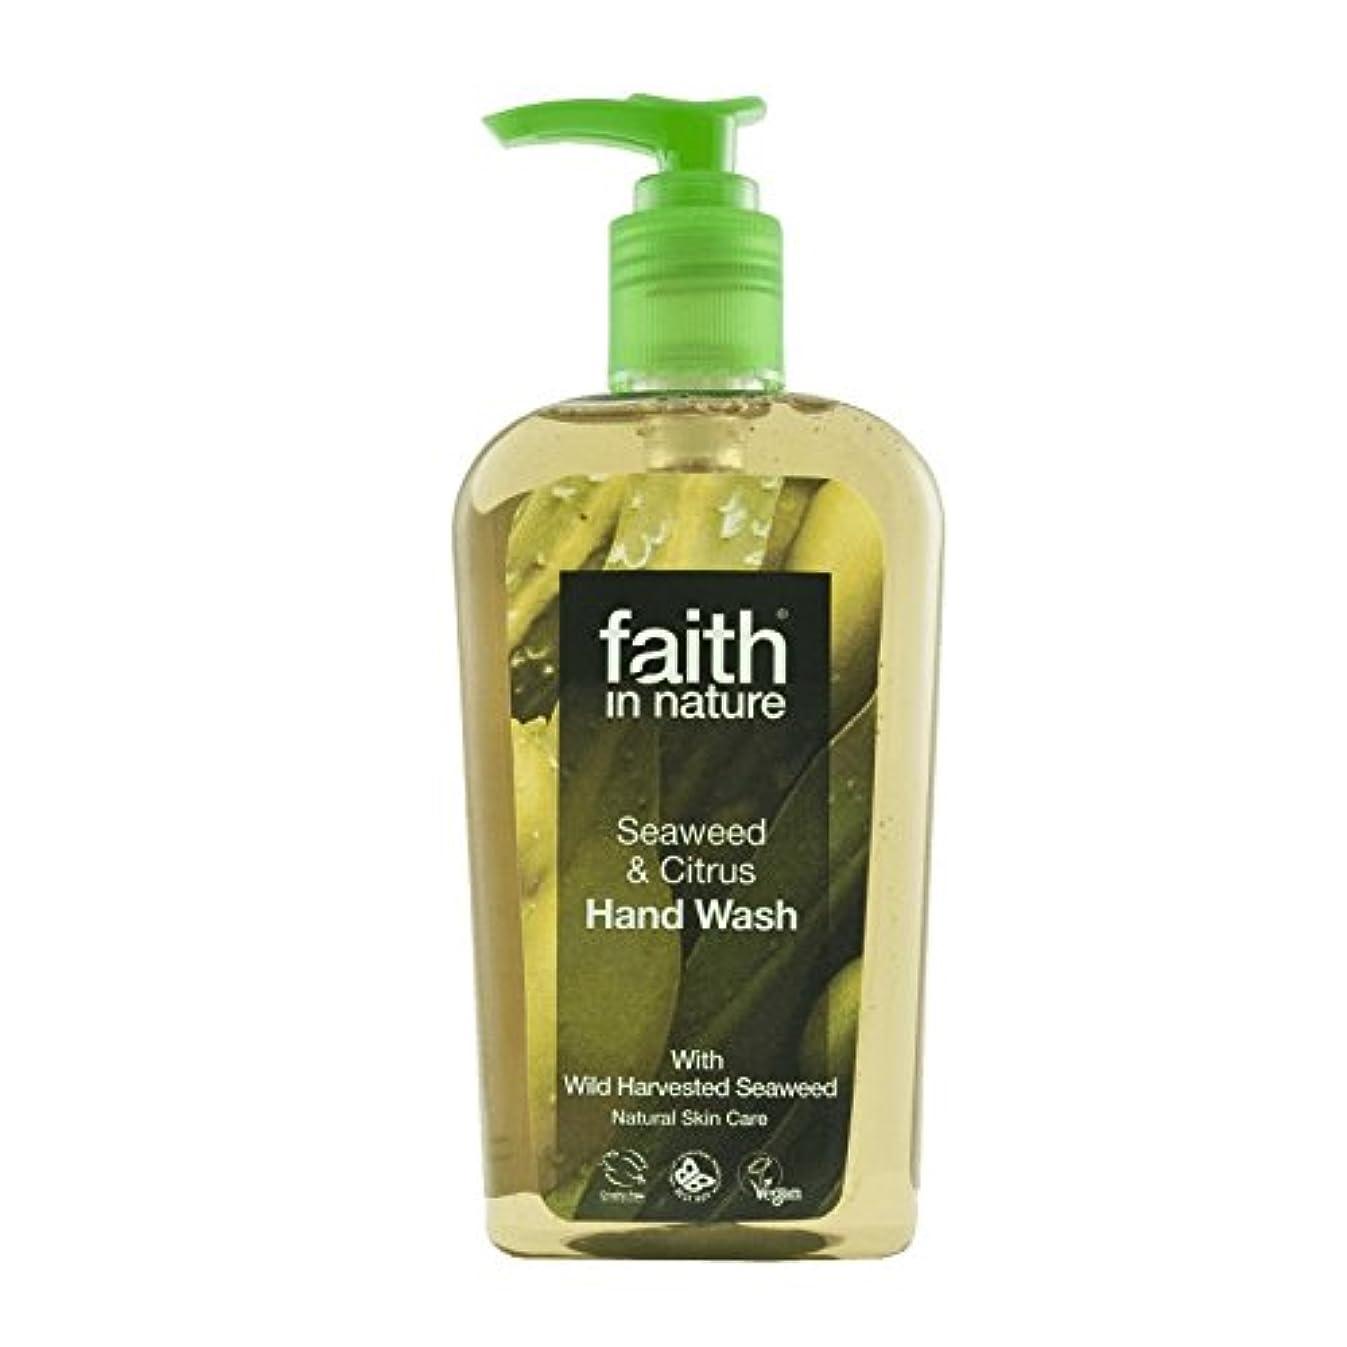 日光貯水池共和党自然海藻手洗いの300ミリリットルの信仰 - Faith In Nature Seaweed Handwash 300ml (Faith in Nature) [並行輸入品]